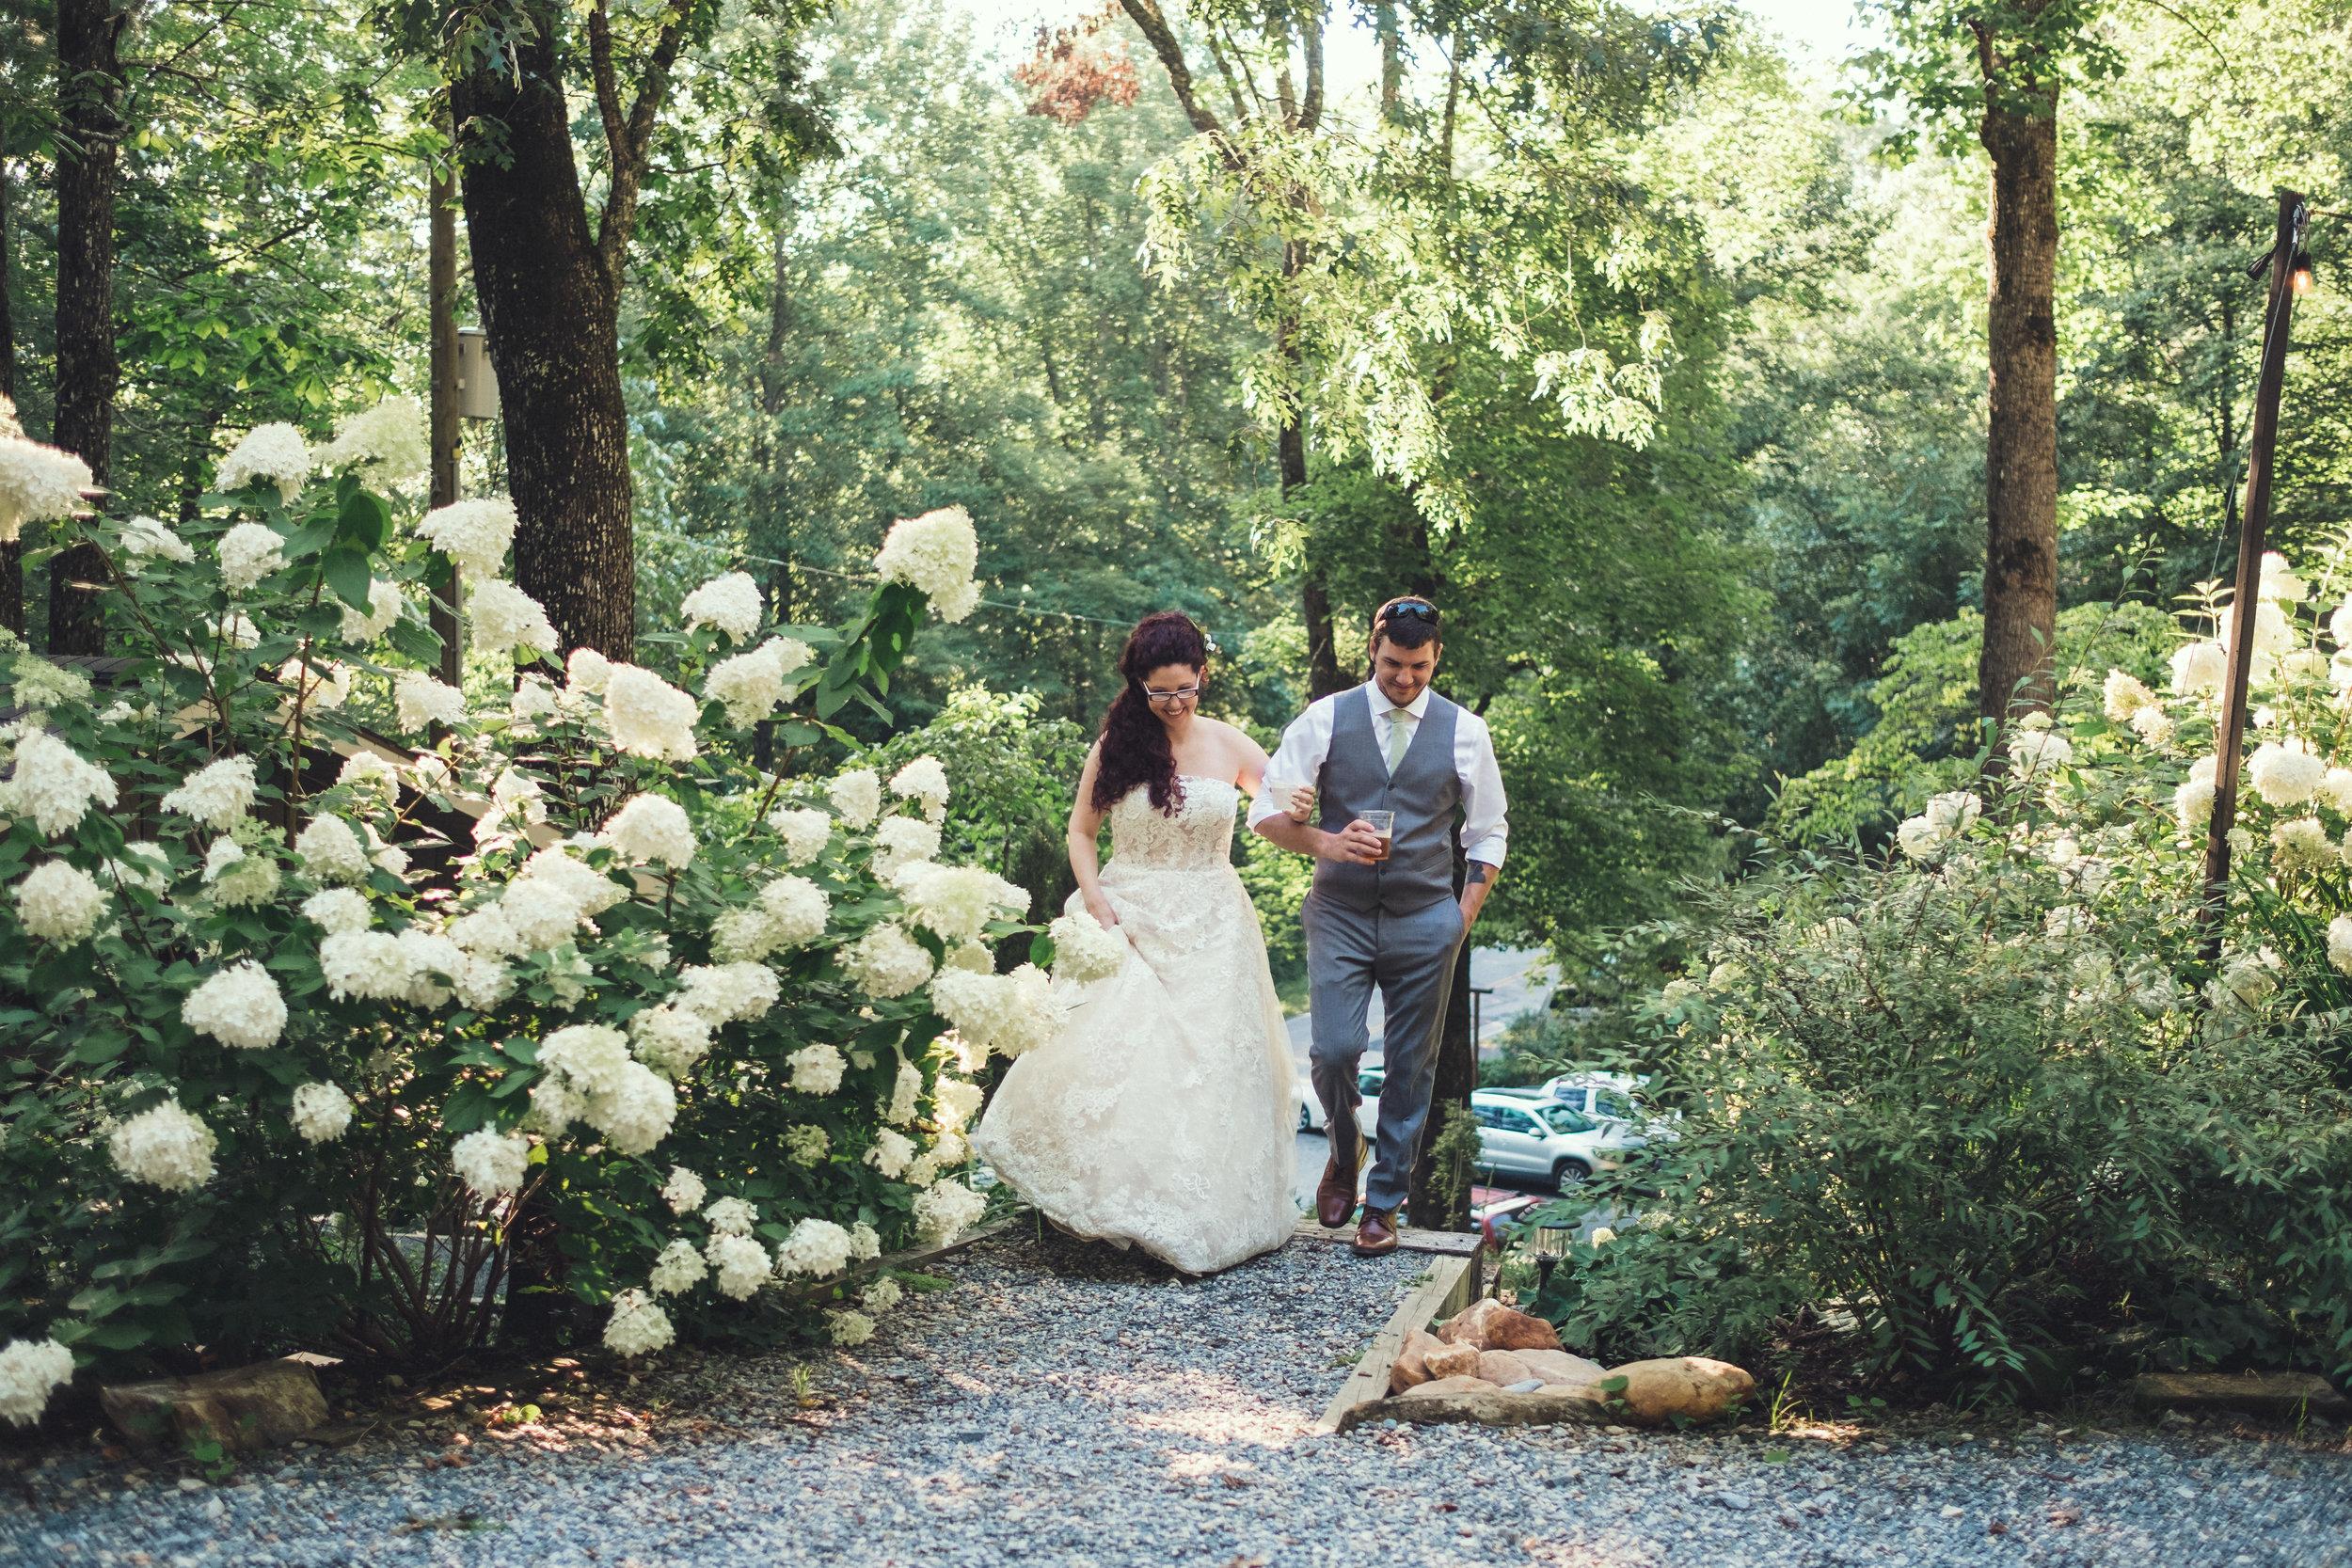 Nantahala weddings couples entrance